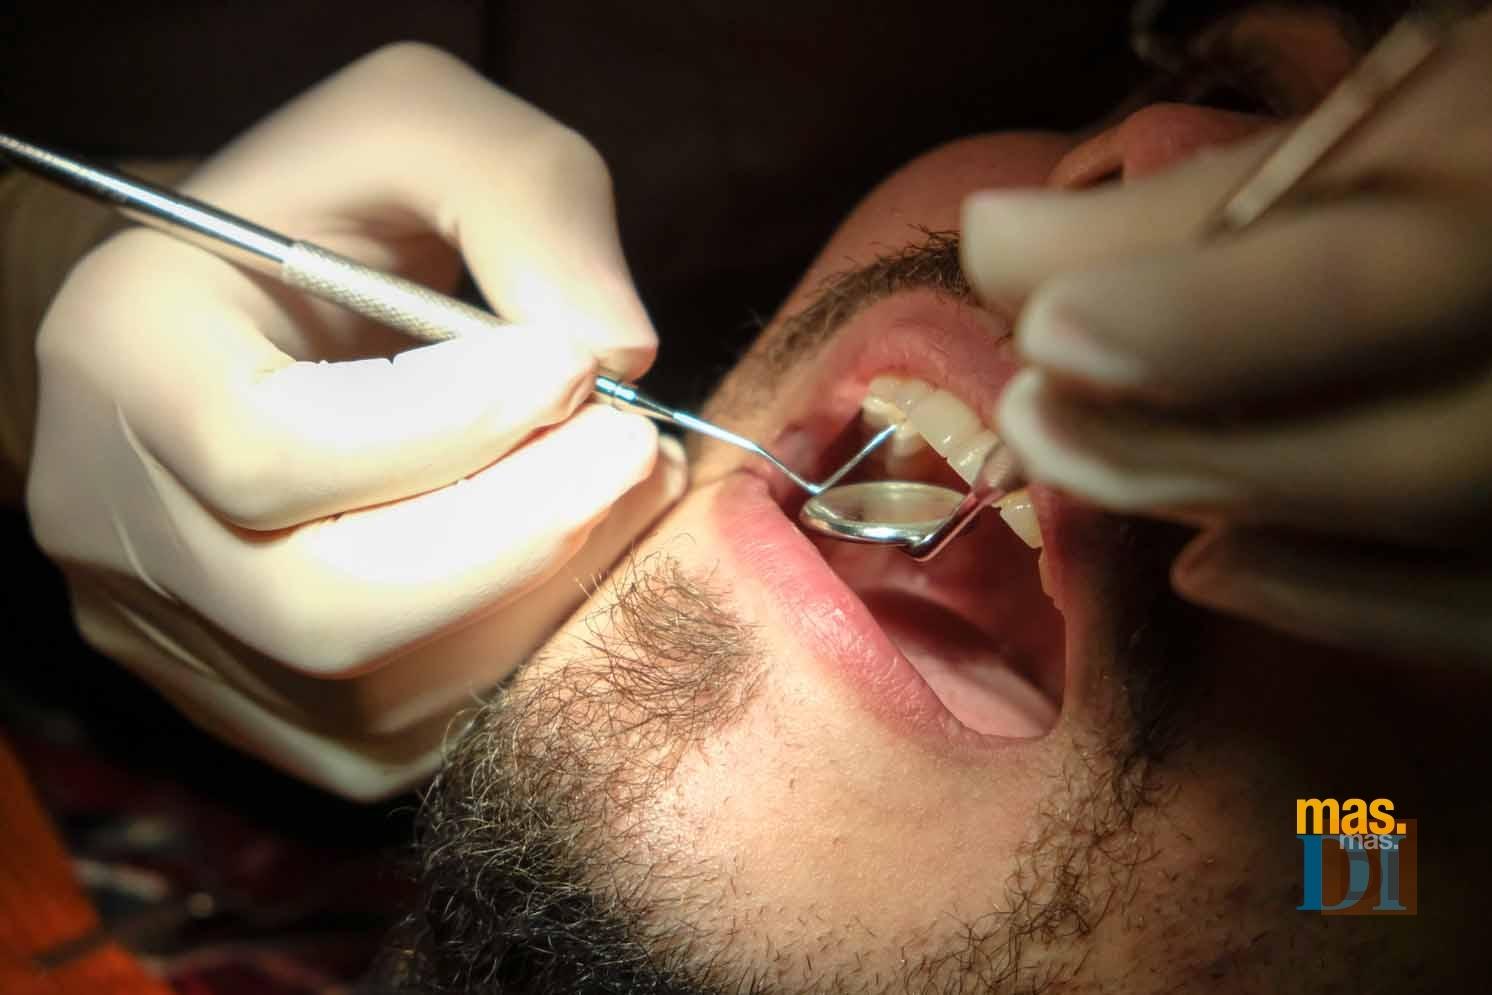 La detección precoz, clave para curar el cáncer oral